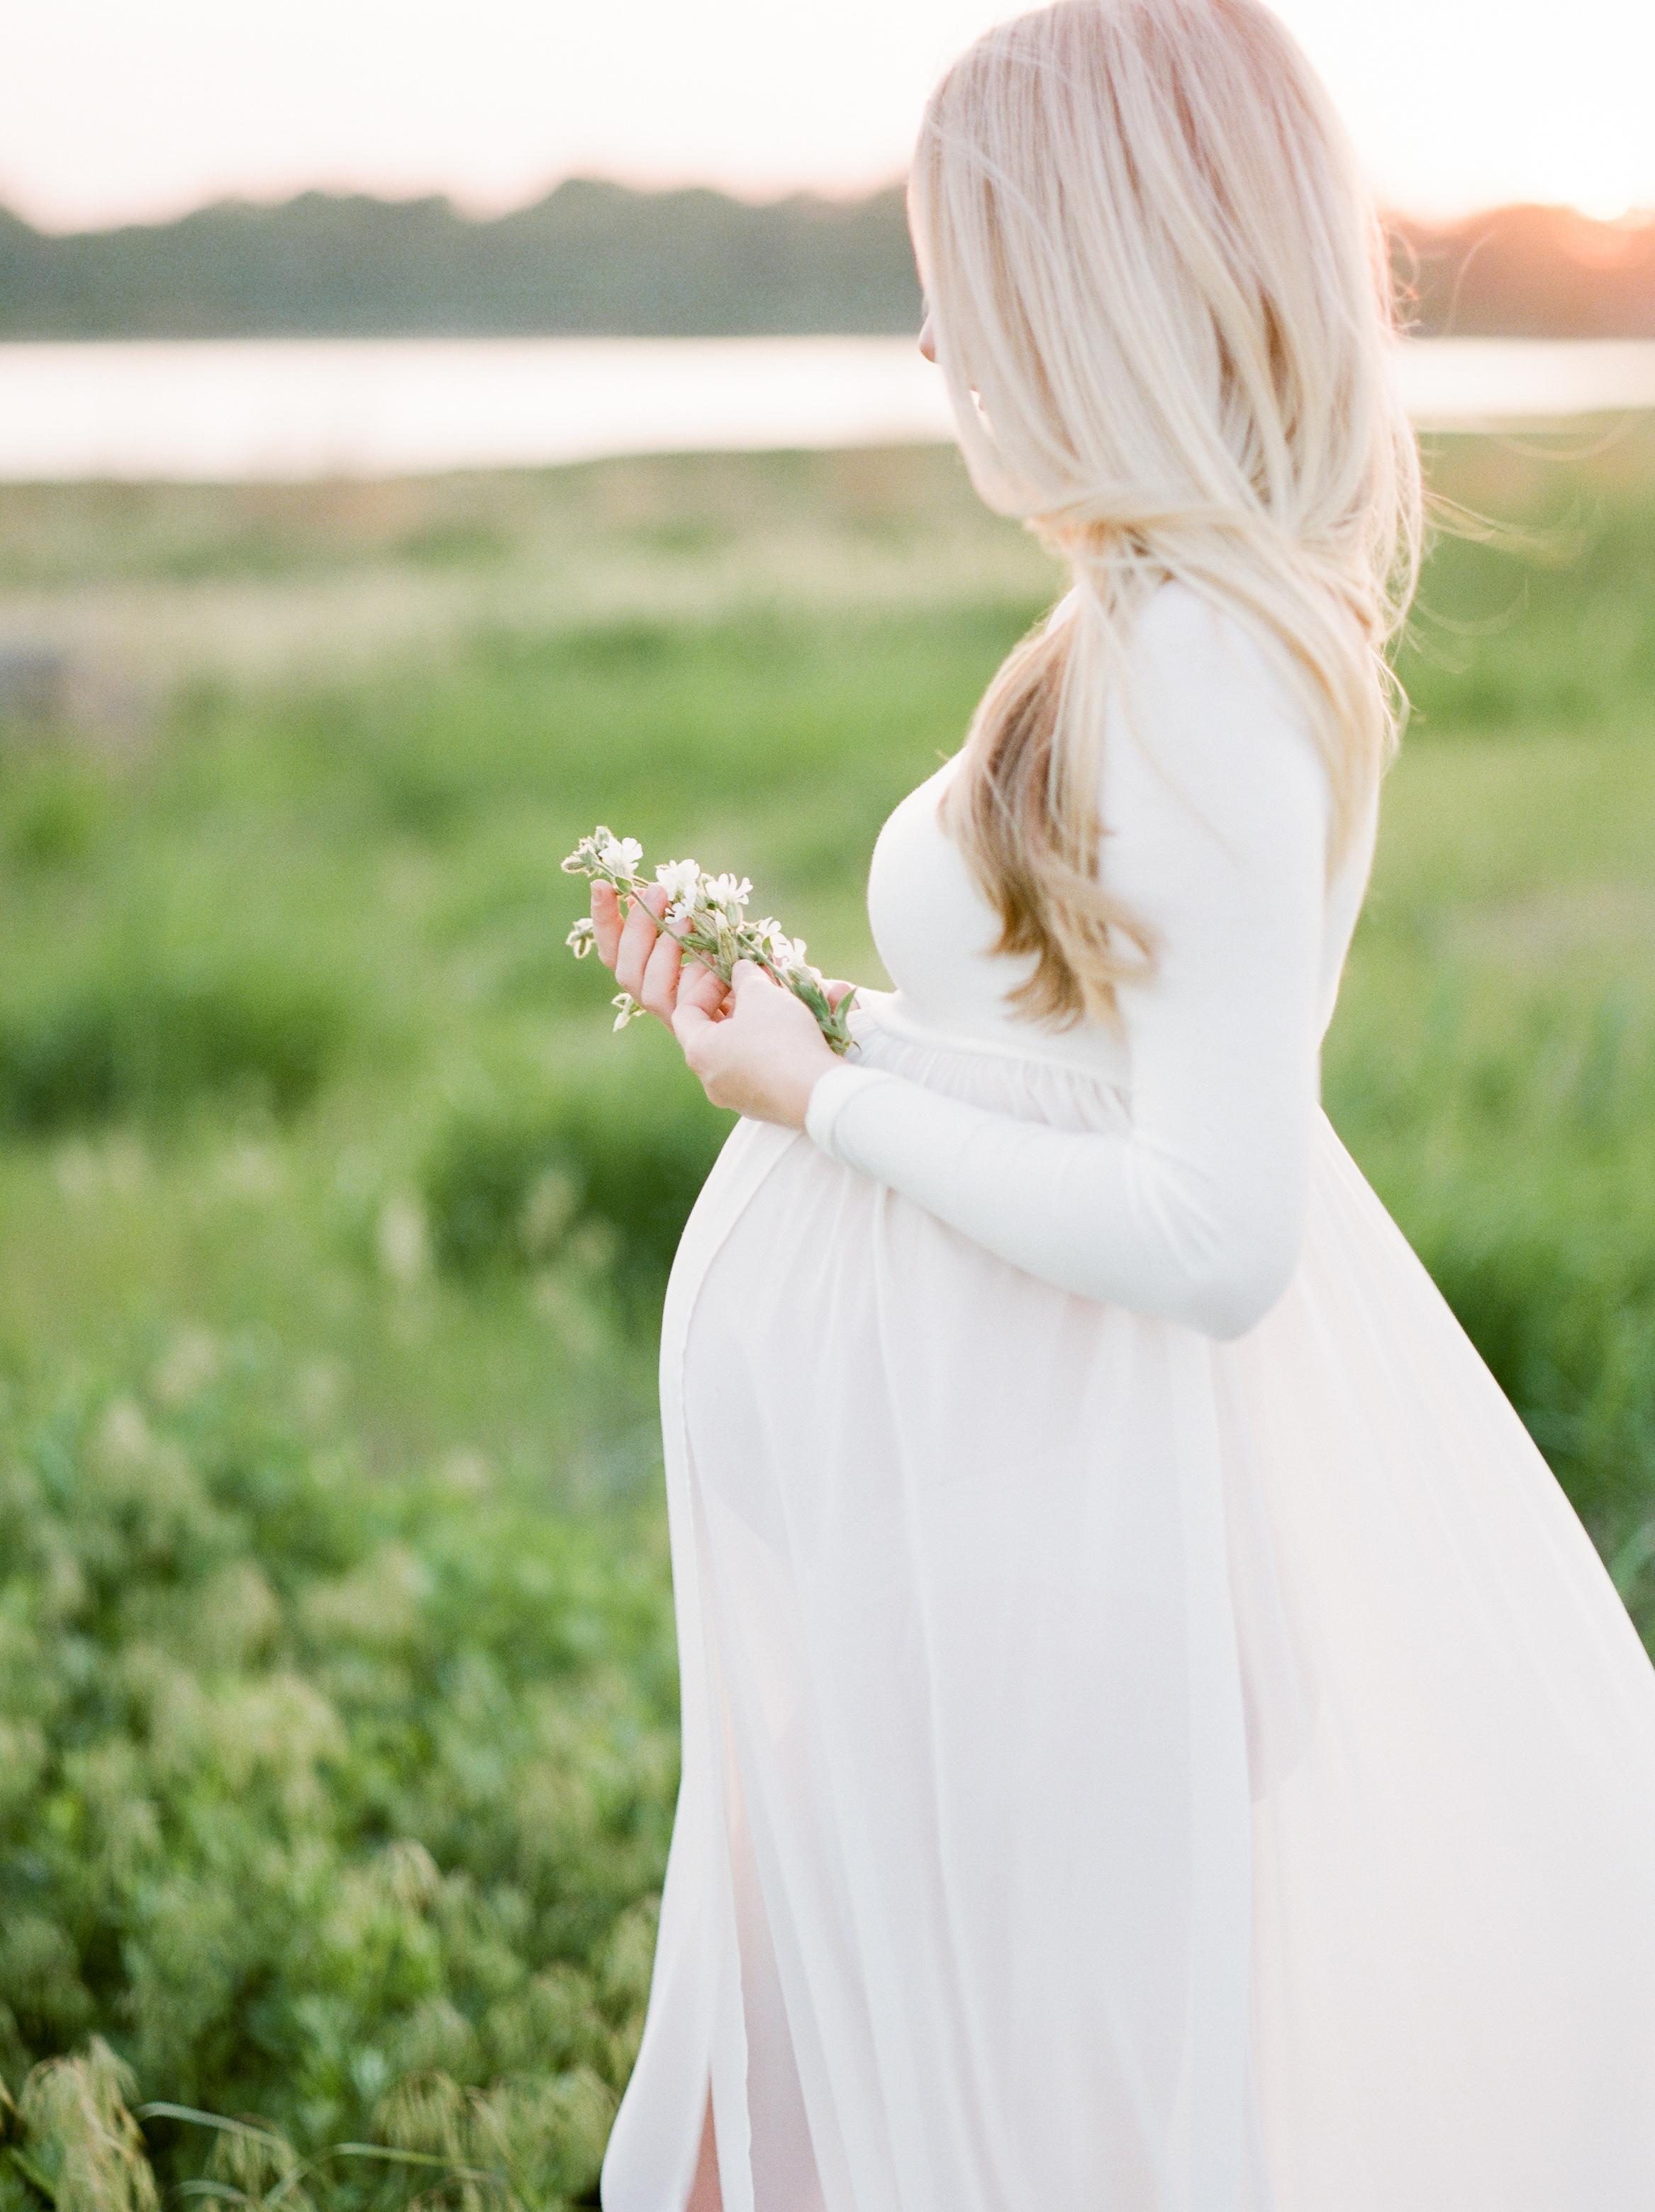 olya_vitulli_photography_martyna_maternity-1-56.jpg